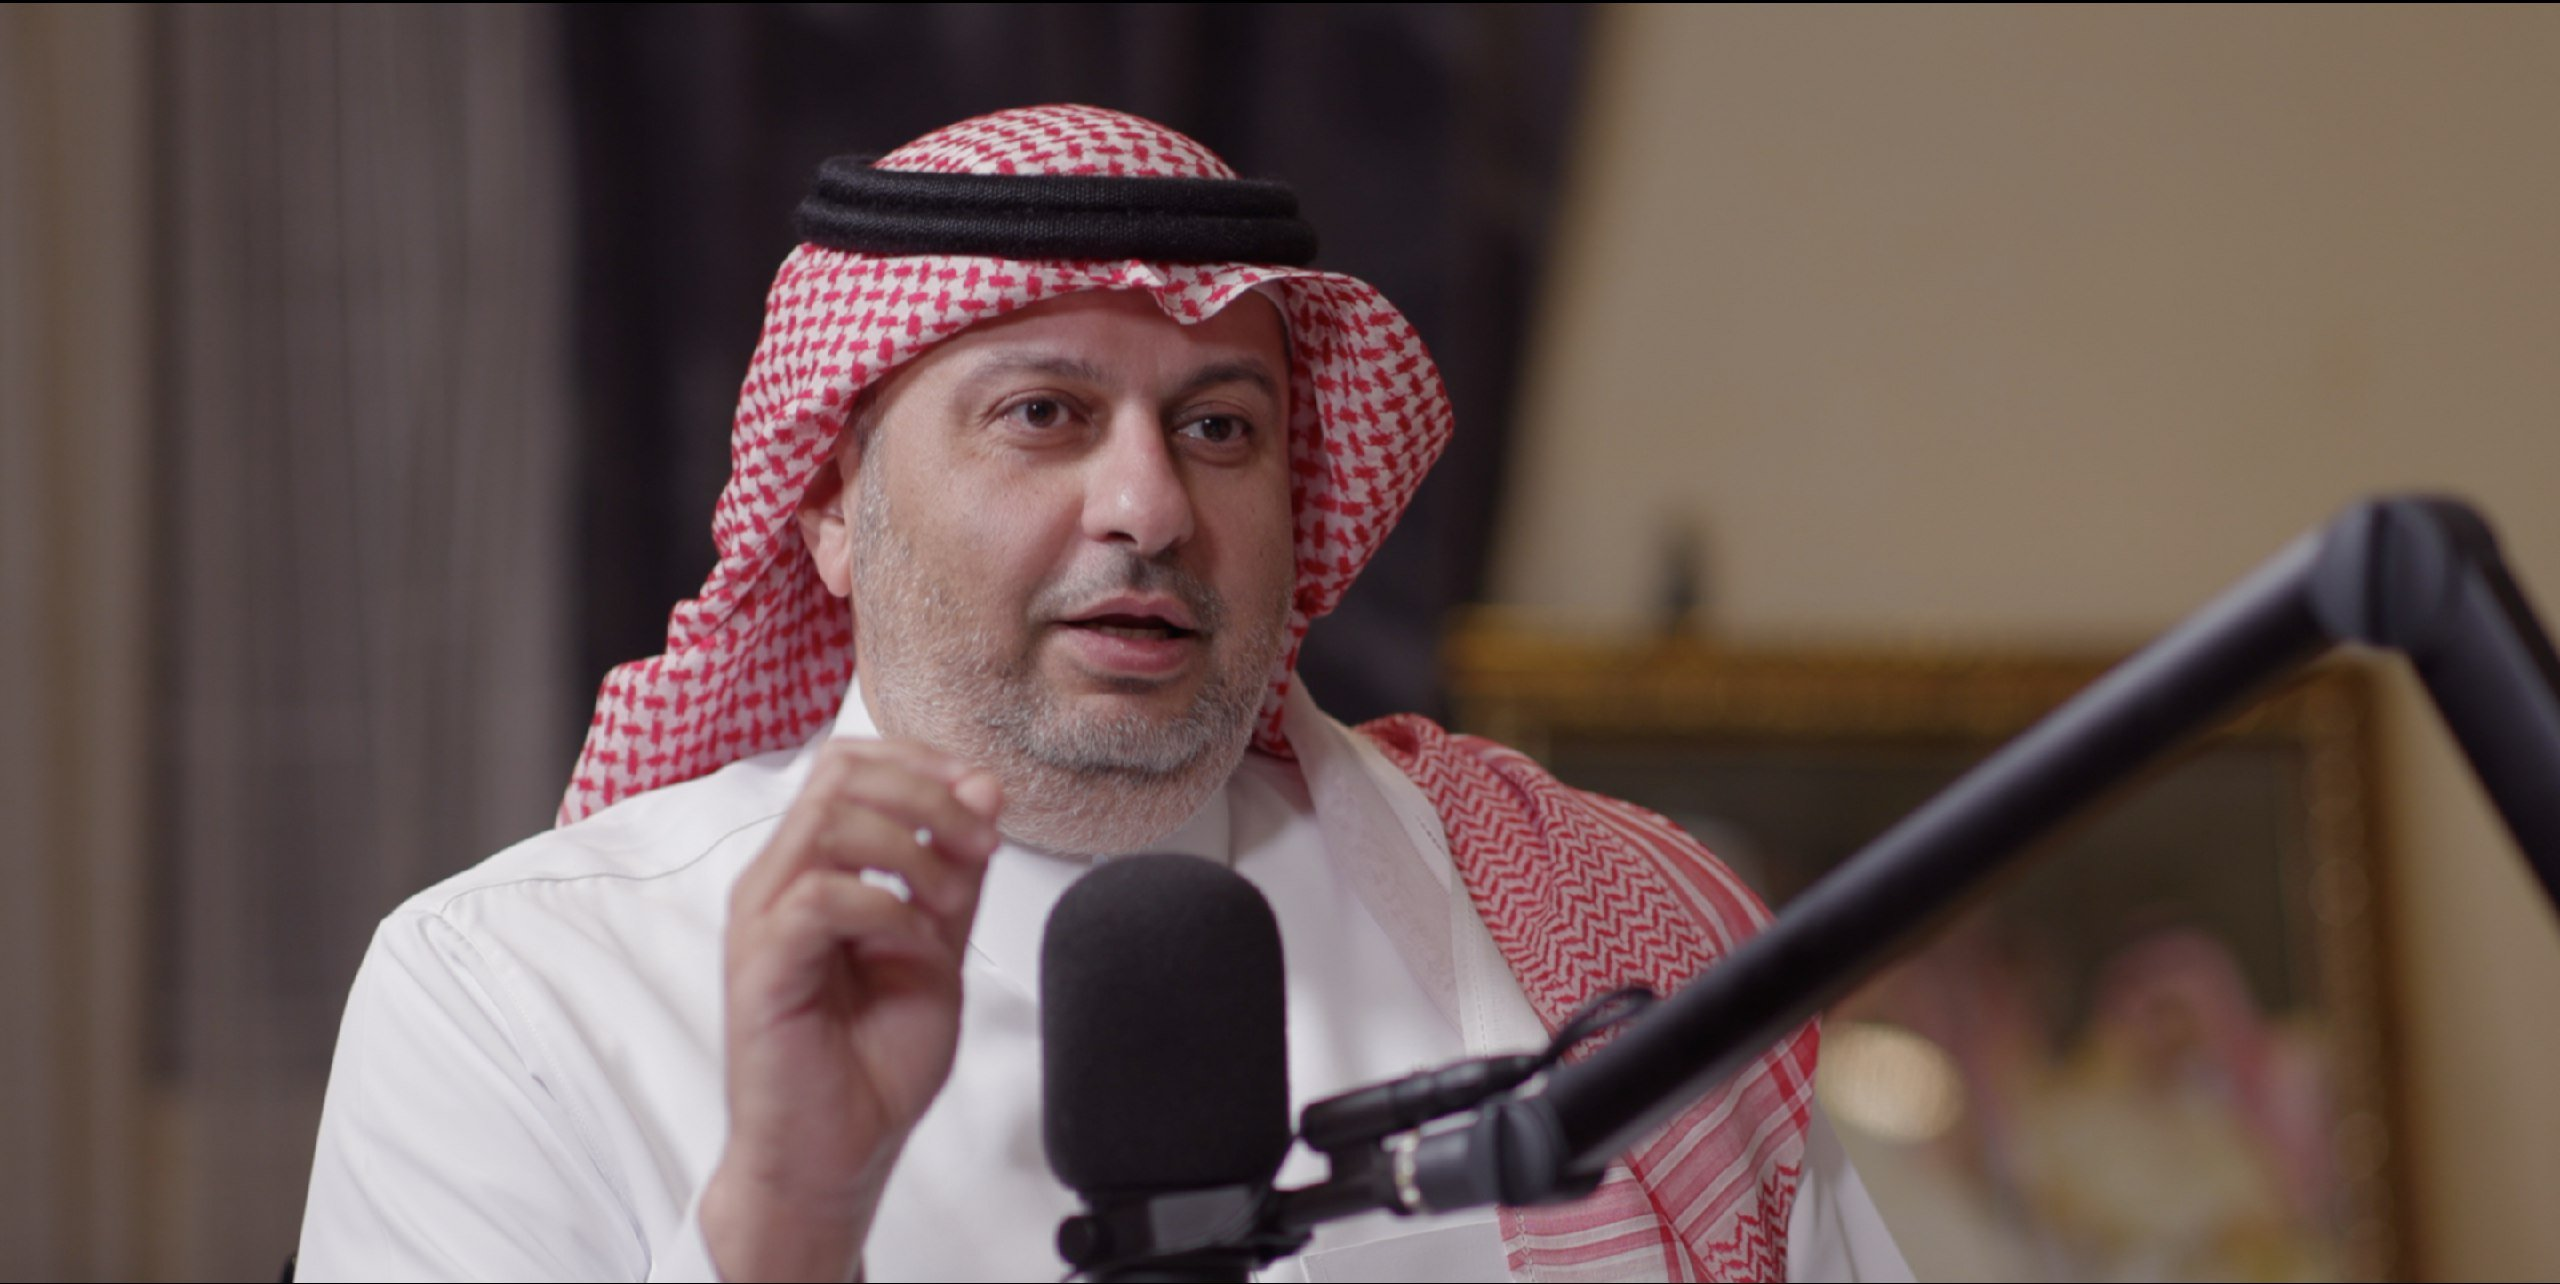 مقابلة مع الأمير عبدالله بن مساعد على بودكاست تماس